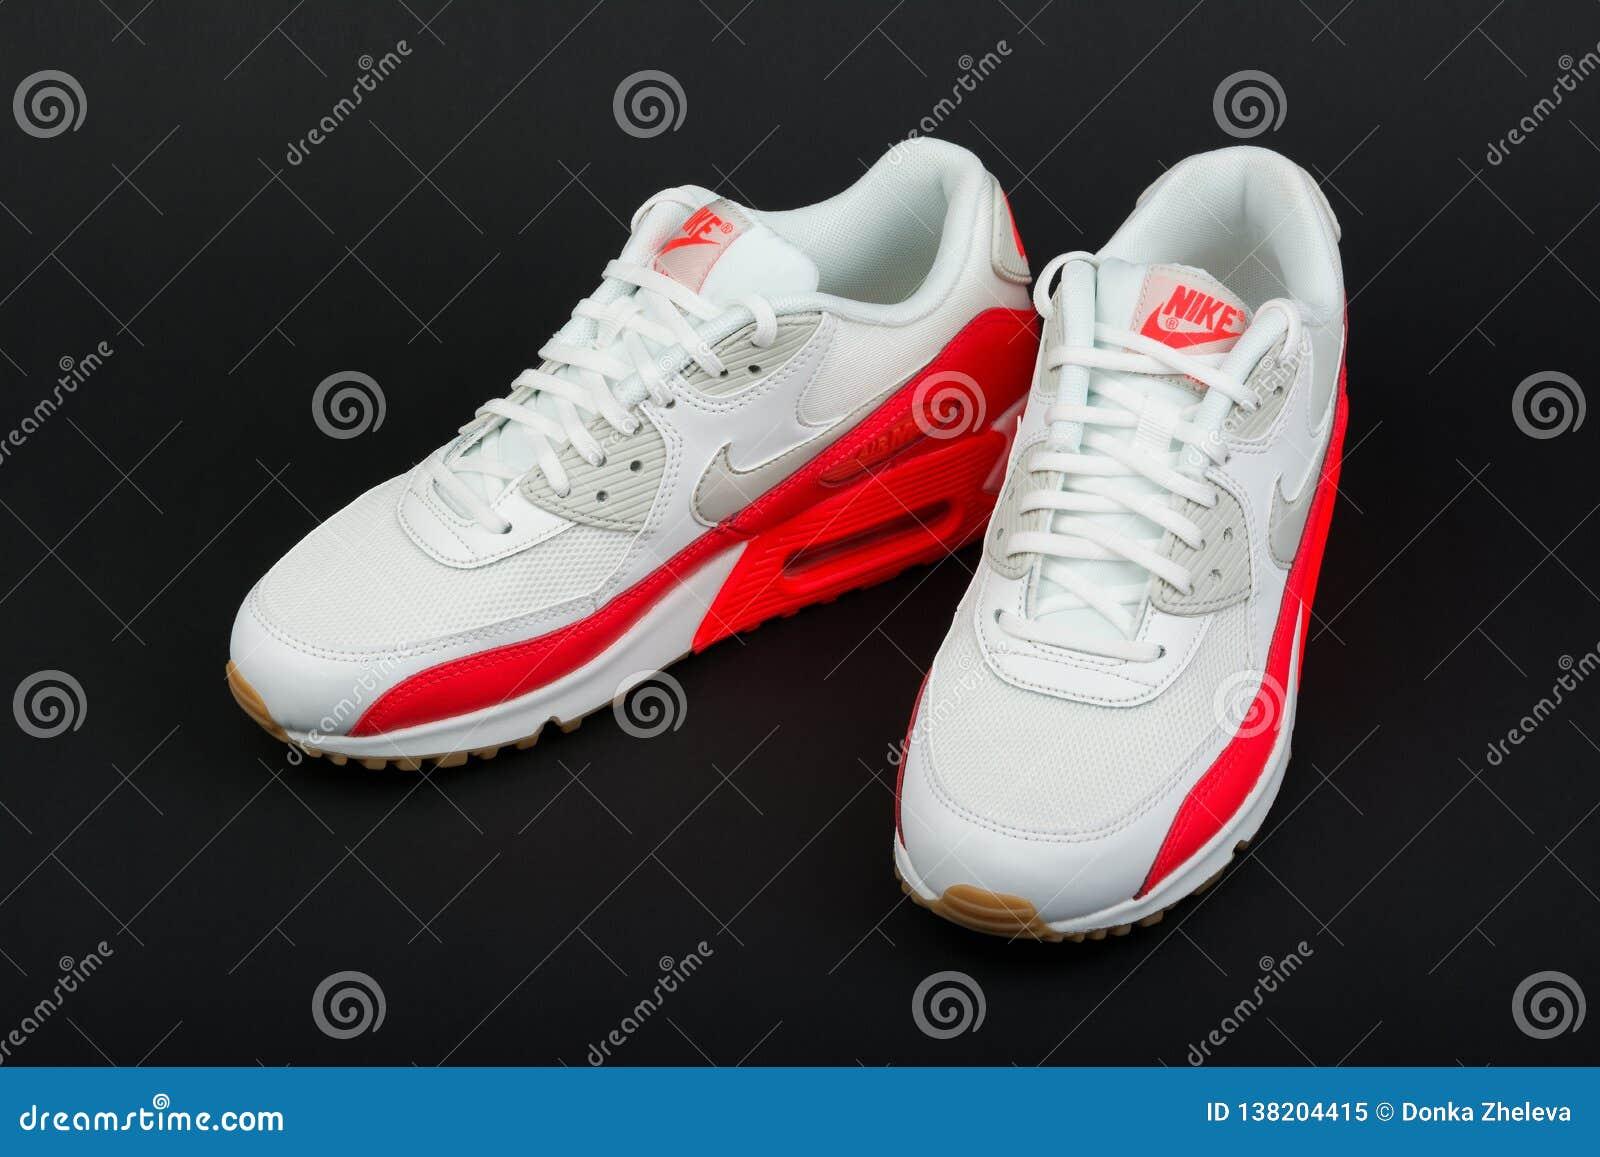 Hectáreas Montaña delicado  BURGAS, BULGARIA - AUGUST 29, 2016: Nike Air MAX Women`s Shoes ...